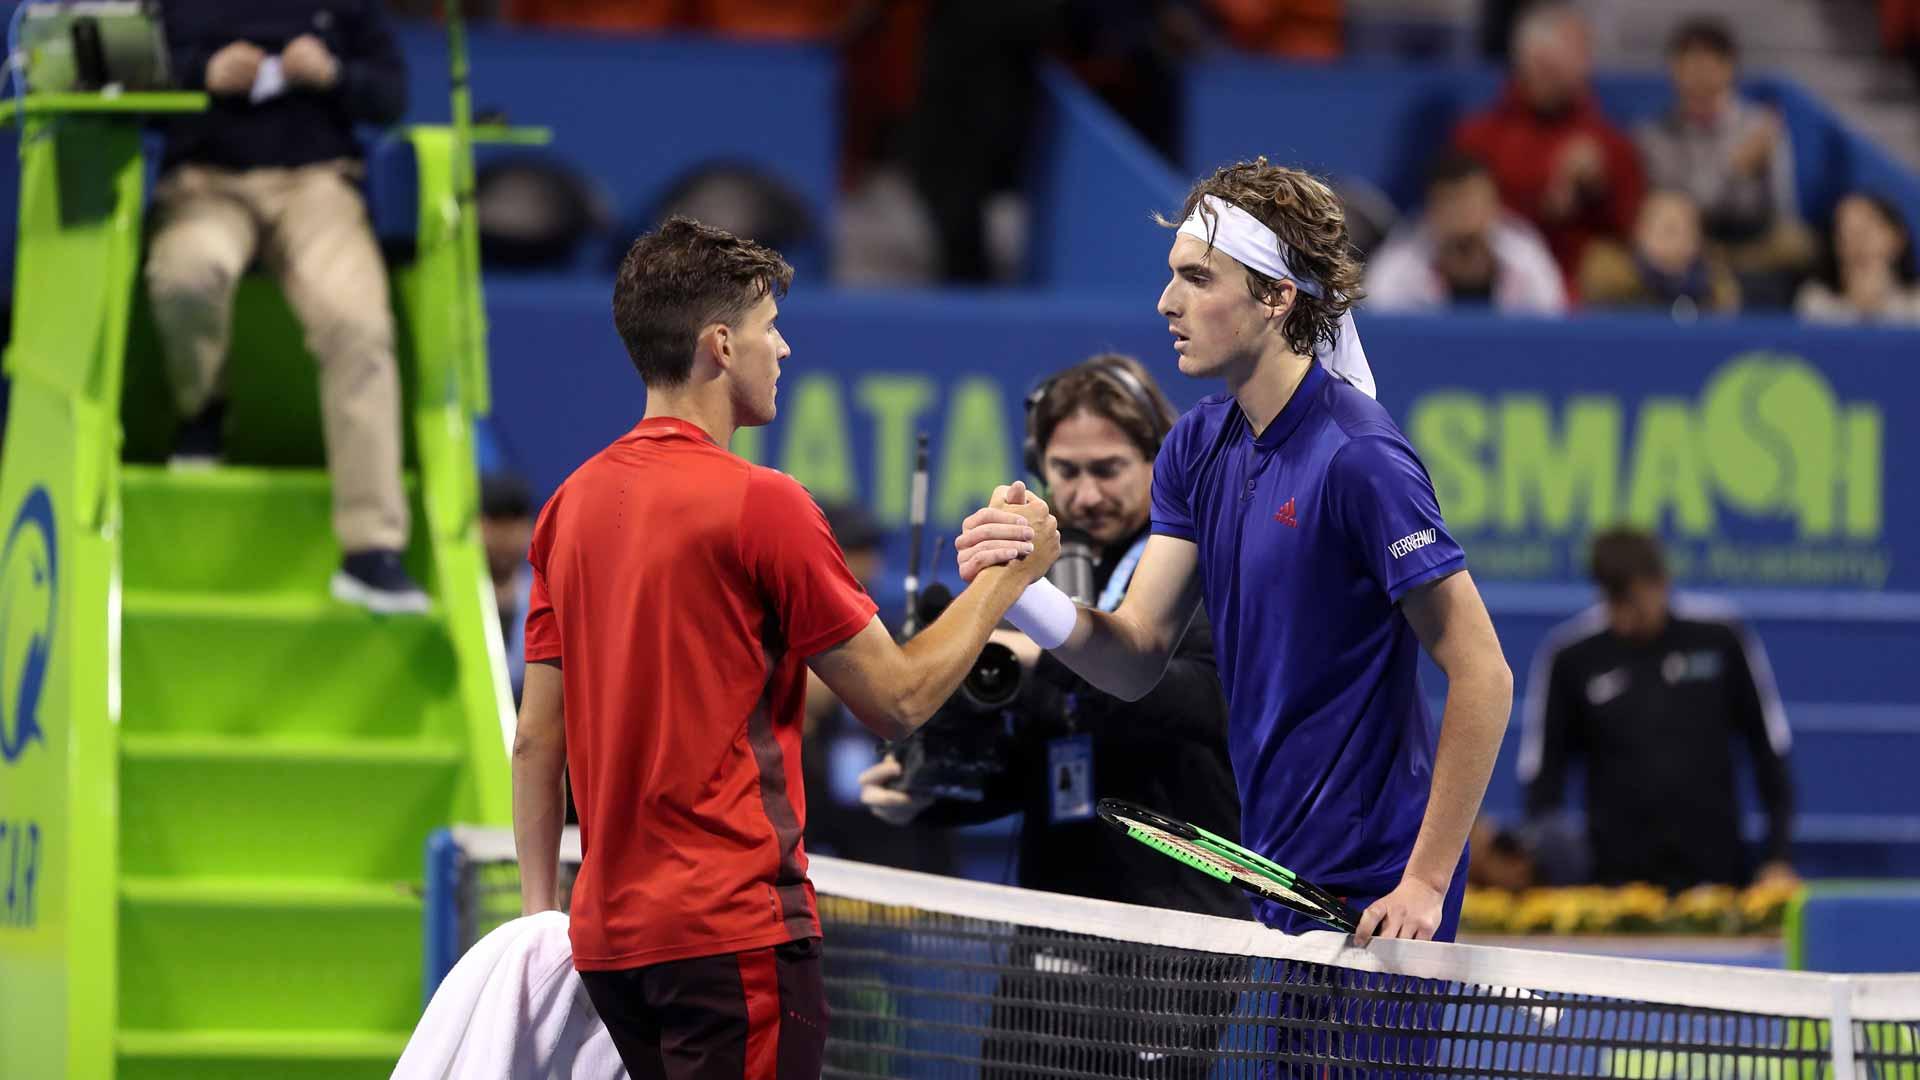 Rivalries Of 2018 Thiem Vs Tsitsipas Atp Tour Tennis